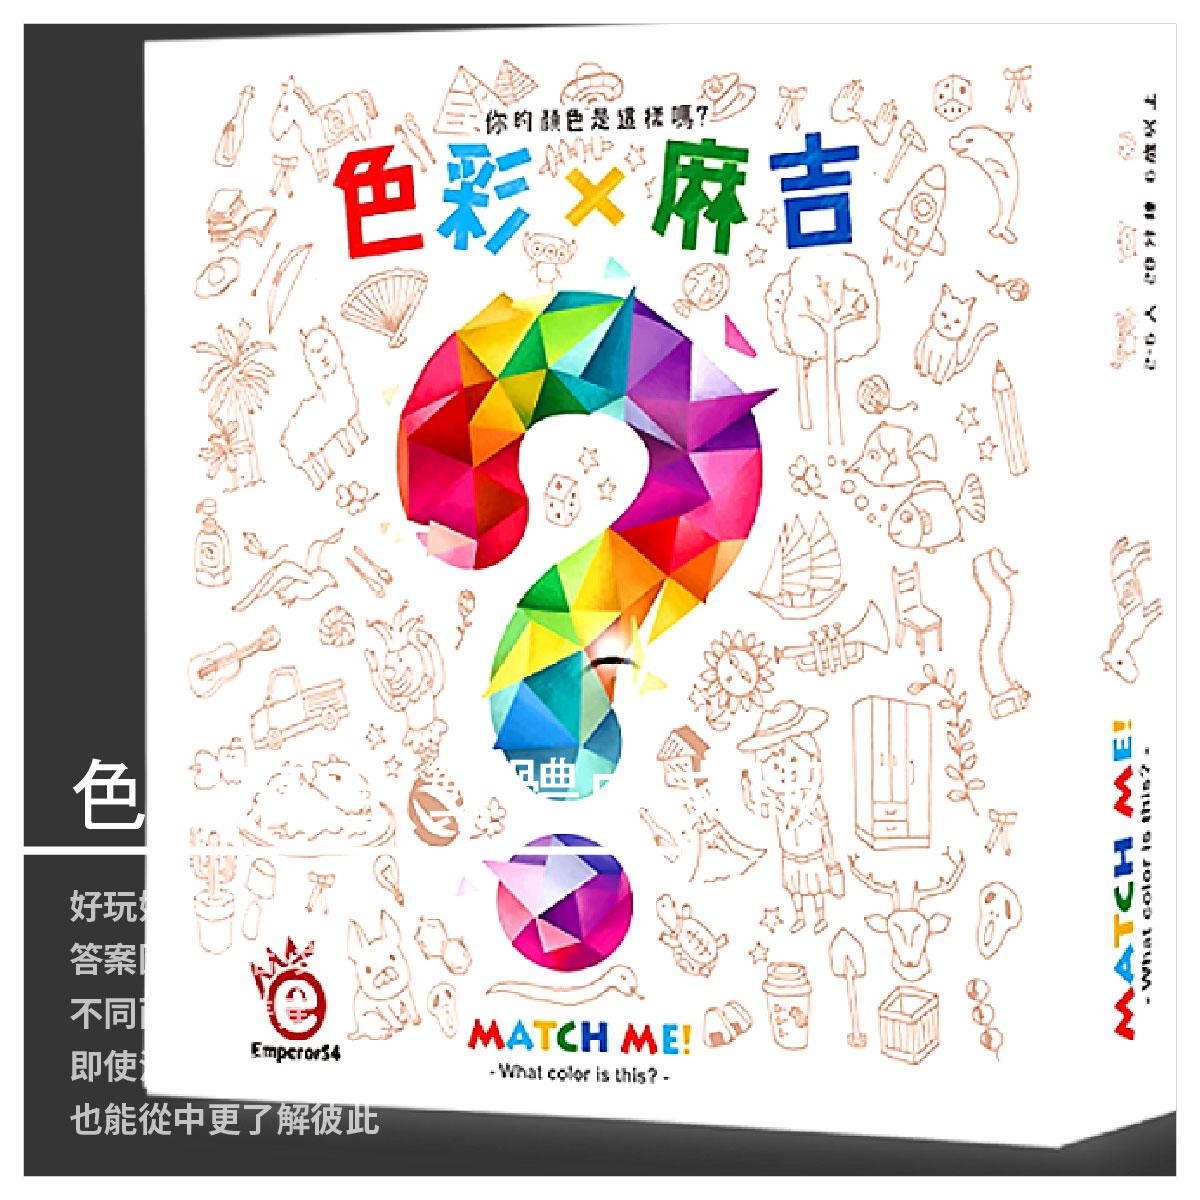 【桌遊愛樂事EmperorS4】色彩麻吉(繁體中文版)正版桌遊/盒